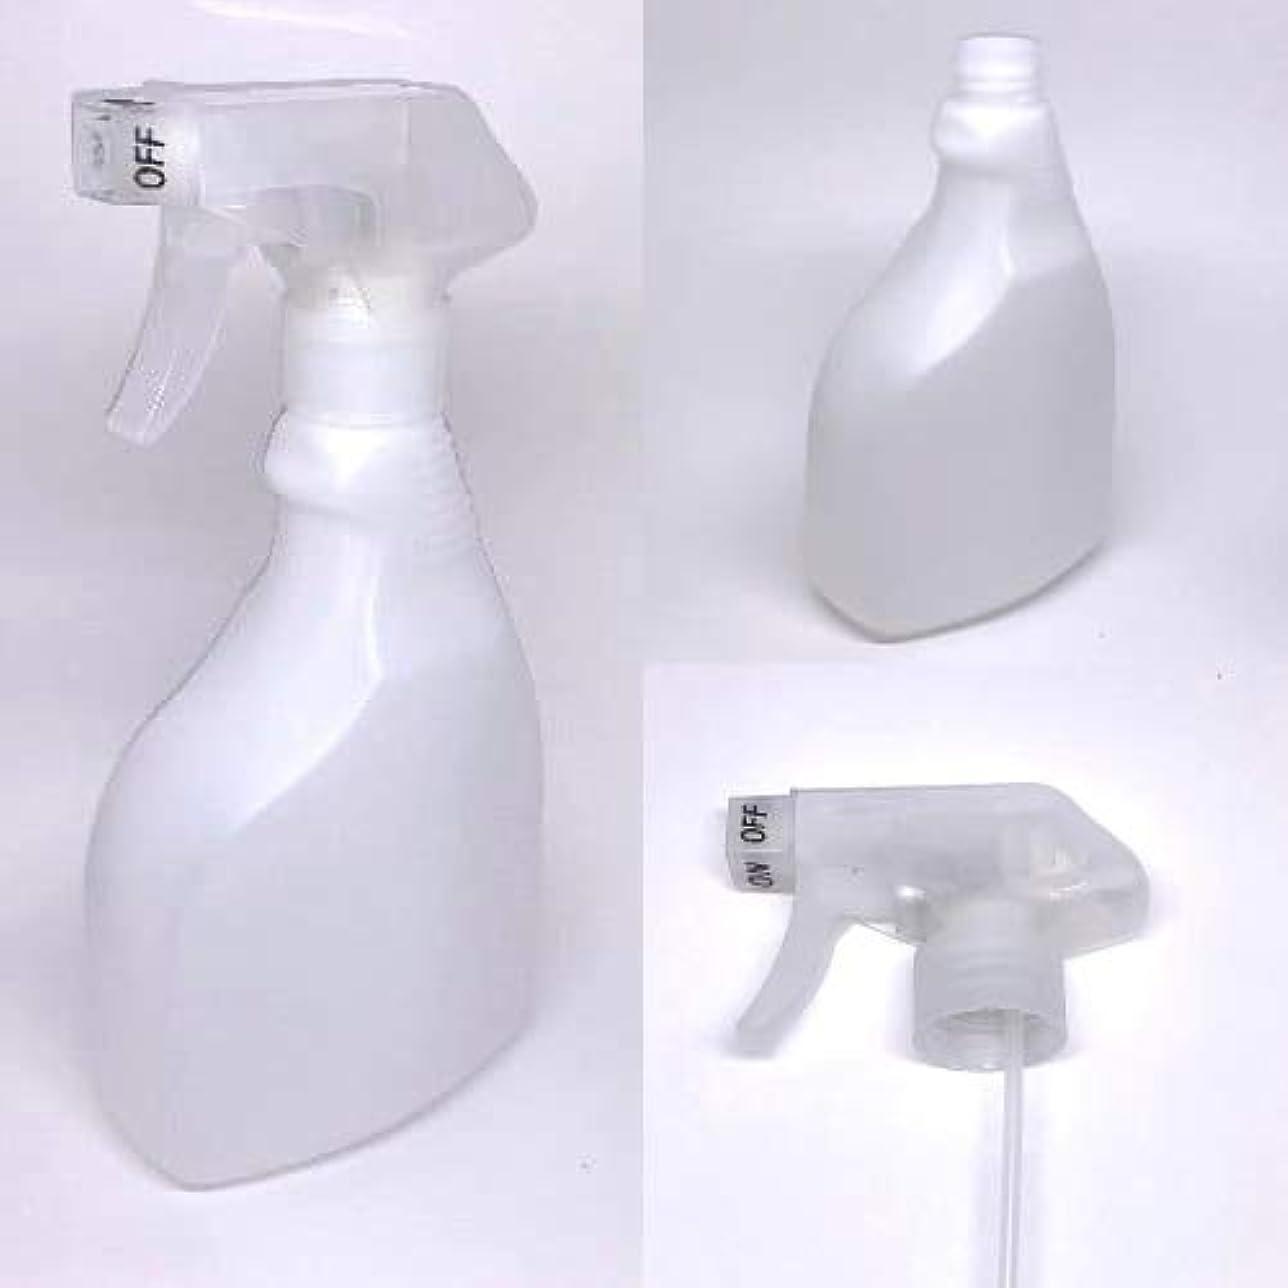 神聖家畜衝動スプレーボトル 500ml/アルコール製剤、消毒用アルコール等の詰替えに (ナチュラルホワイト)【ボトル?容器】【いまじん】